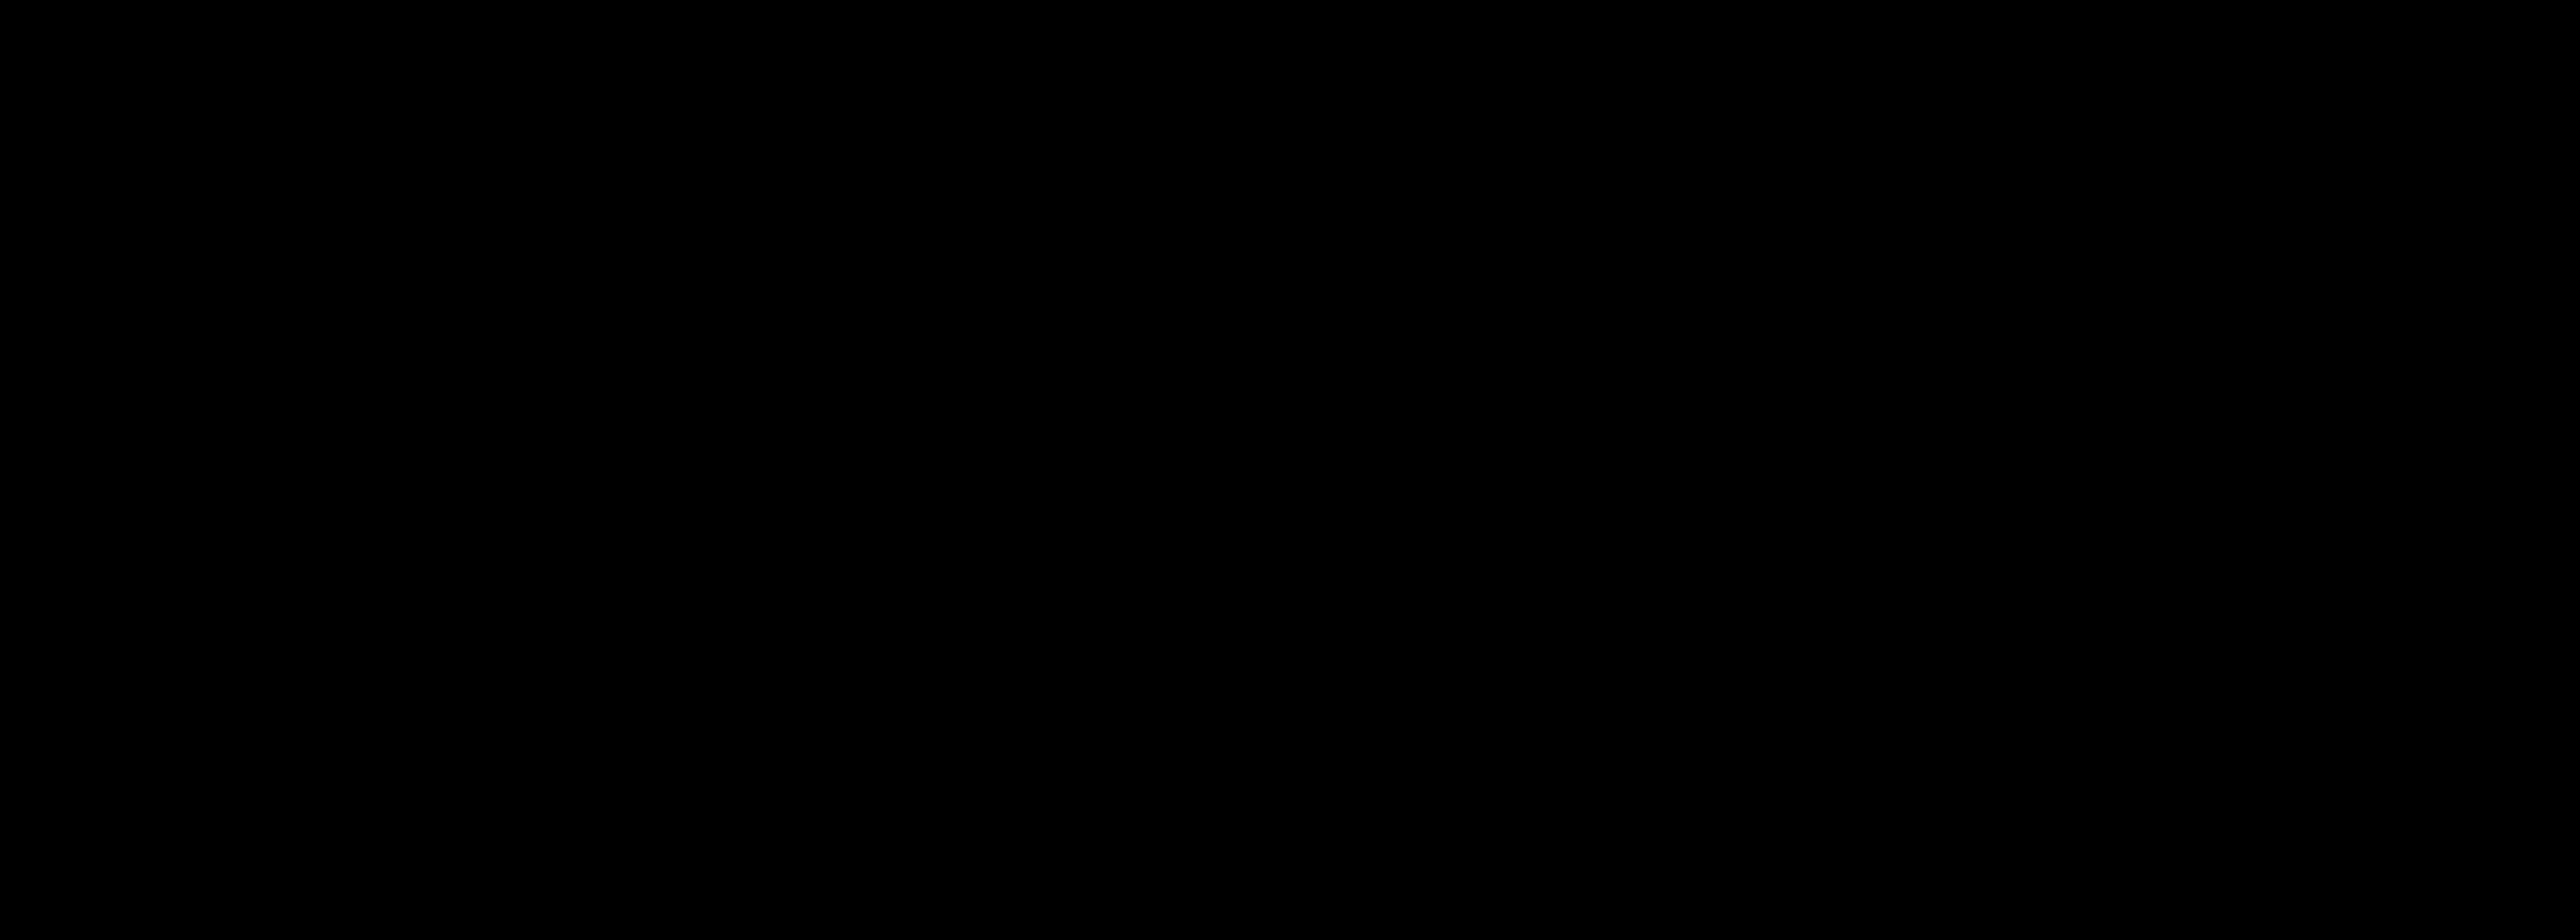 N1-Dansyl-<sup>13</sup>C<sub>2</sub>-spermine